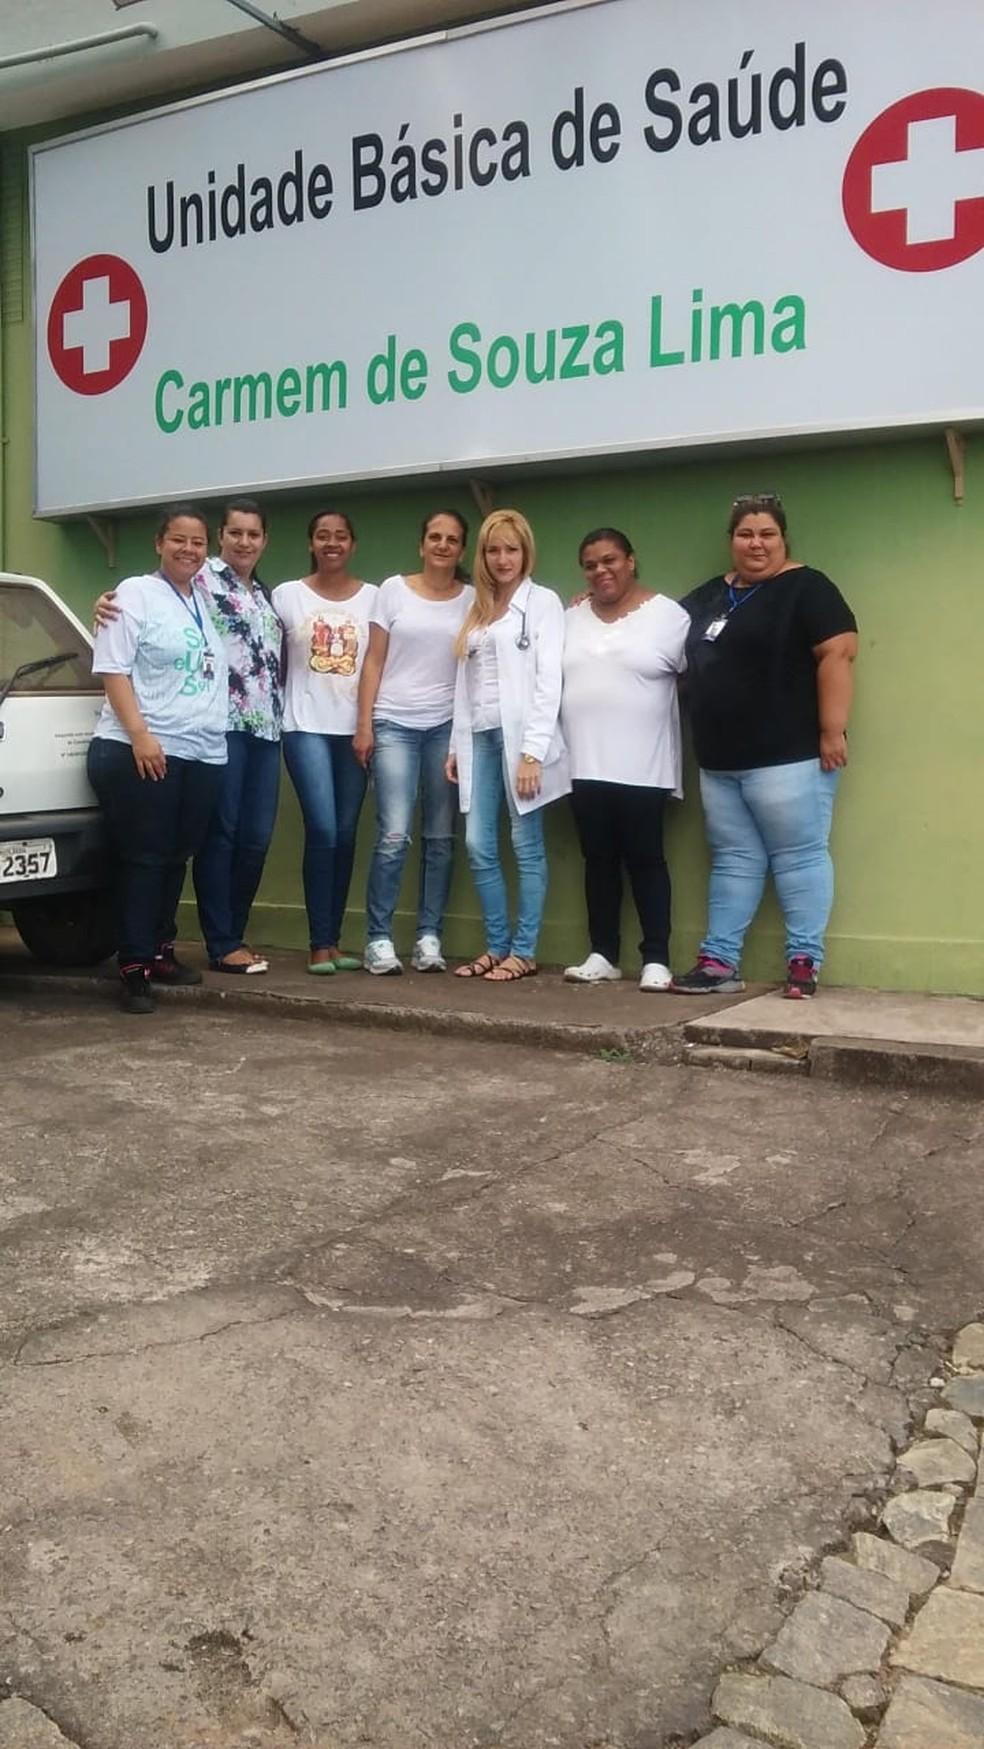 Yaime (de jaleco) trabalhou por dois anos em um dos dois postos de saúde de Crucilândia — Foto: Yaime Acuna/Arquivo pessoal